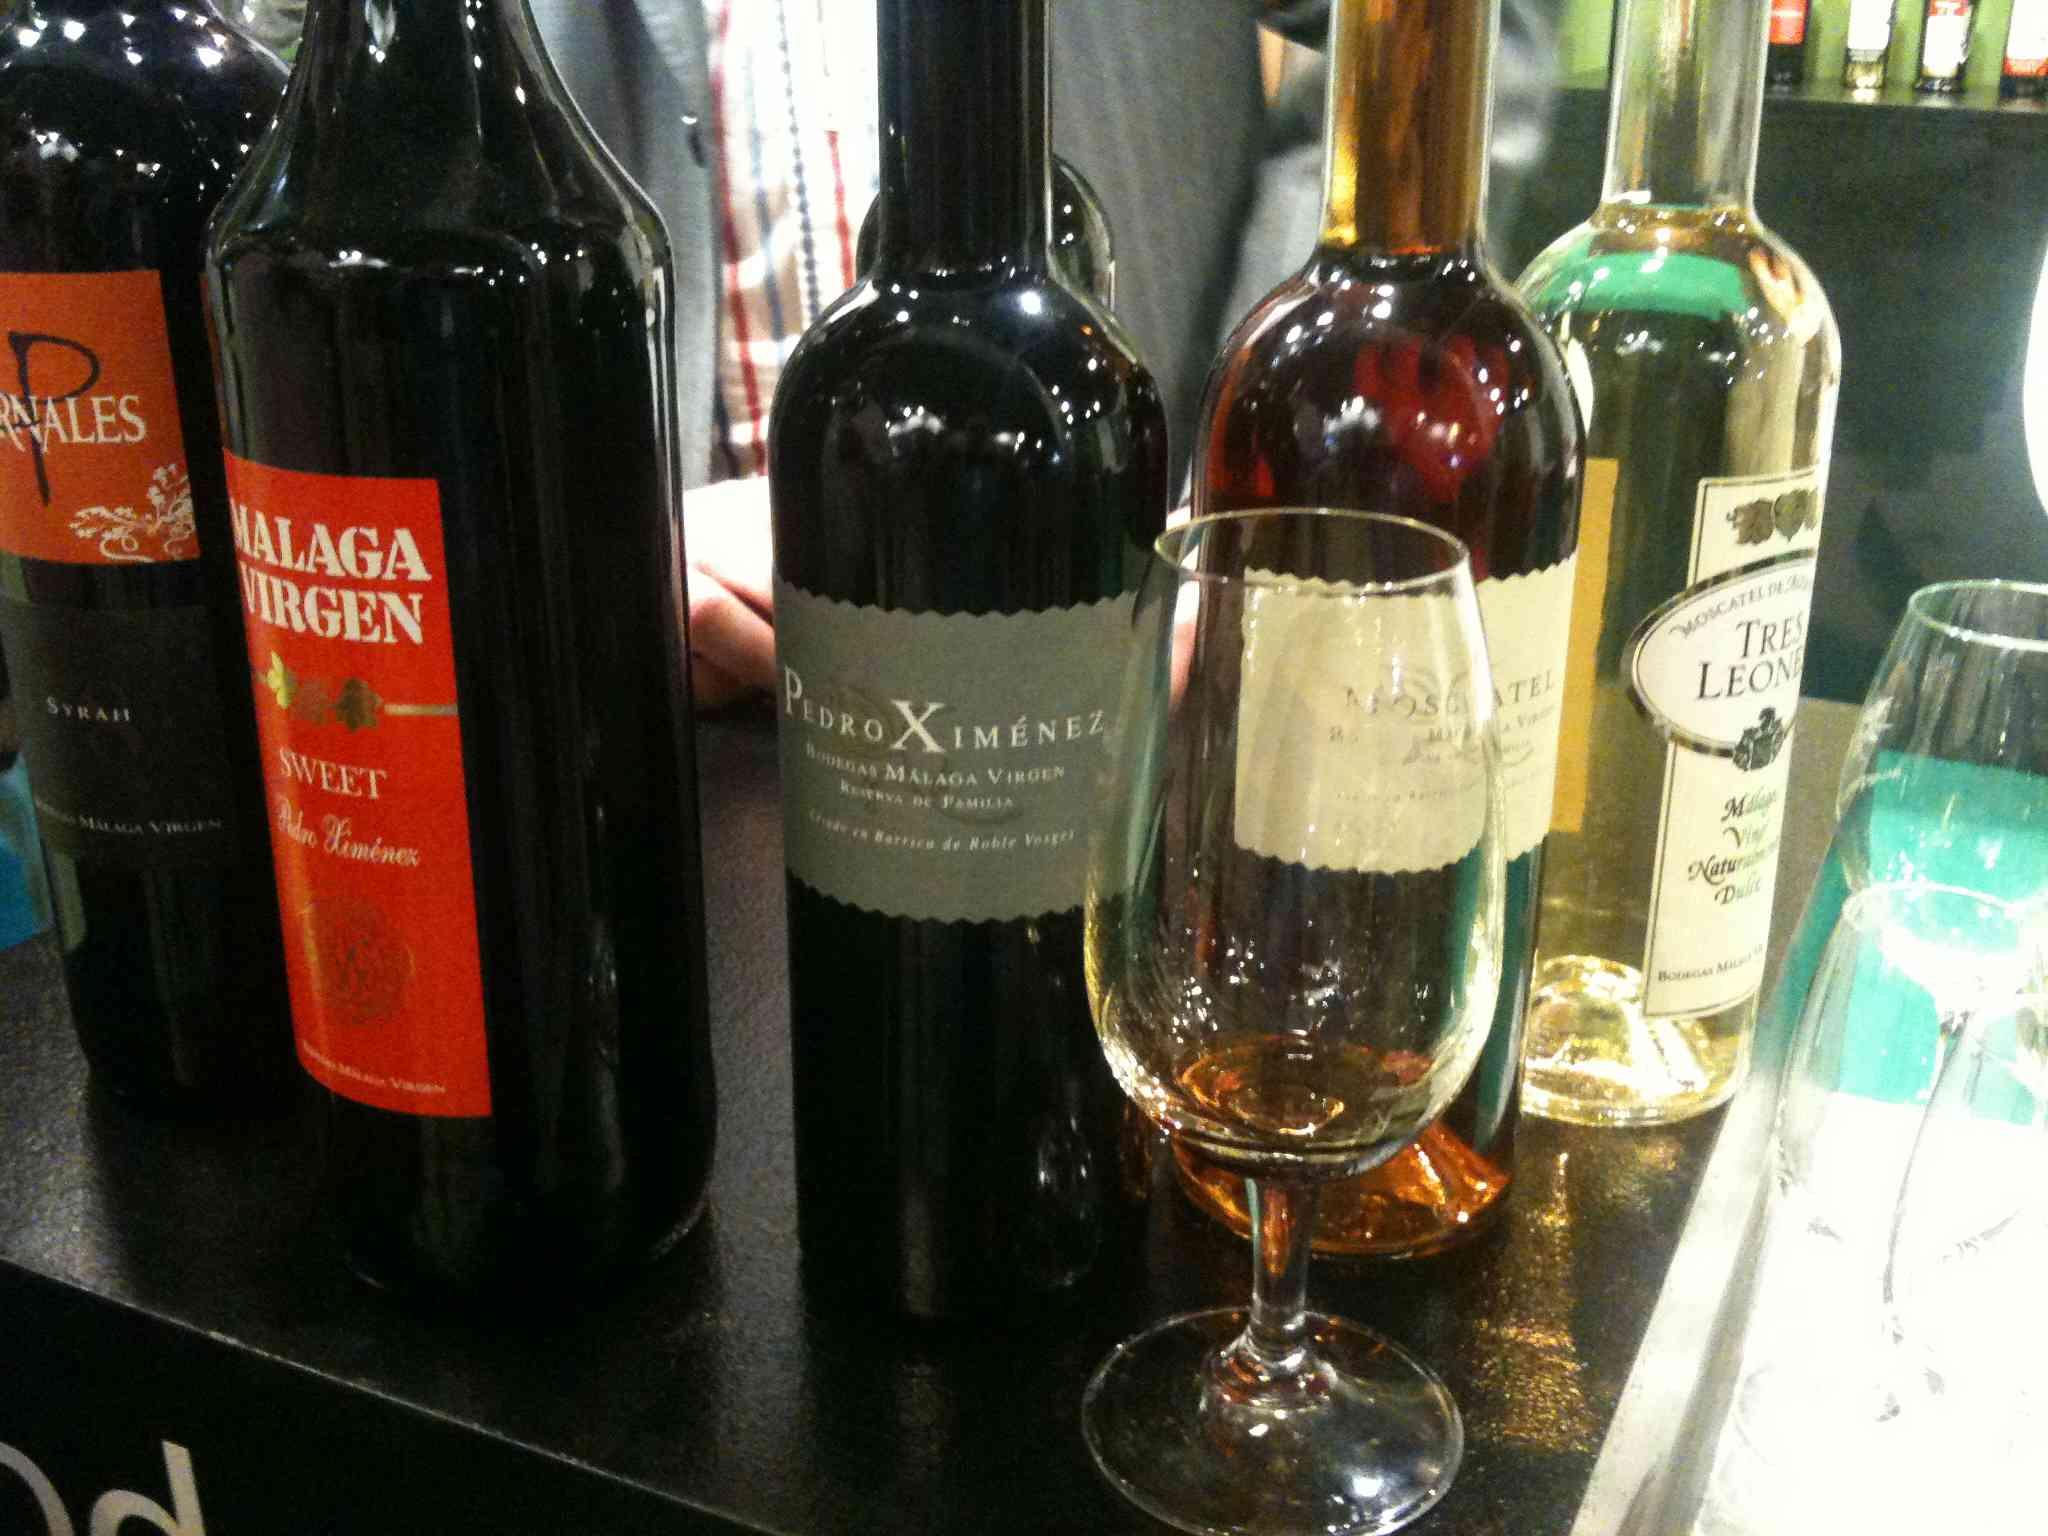 Vinos tintos españoles baratos